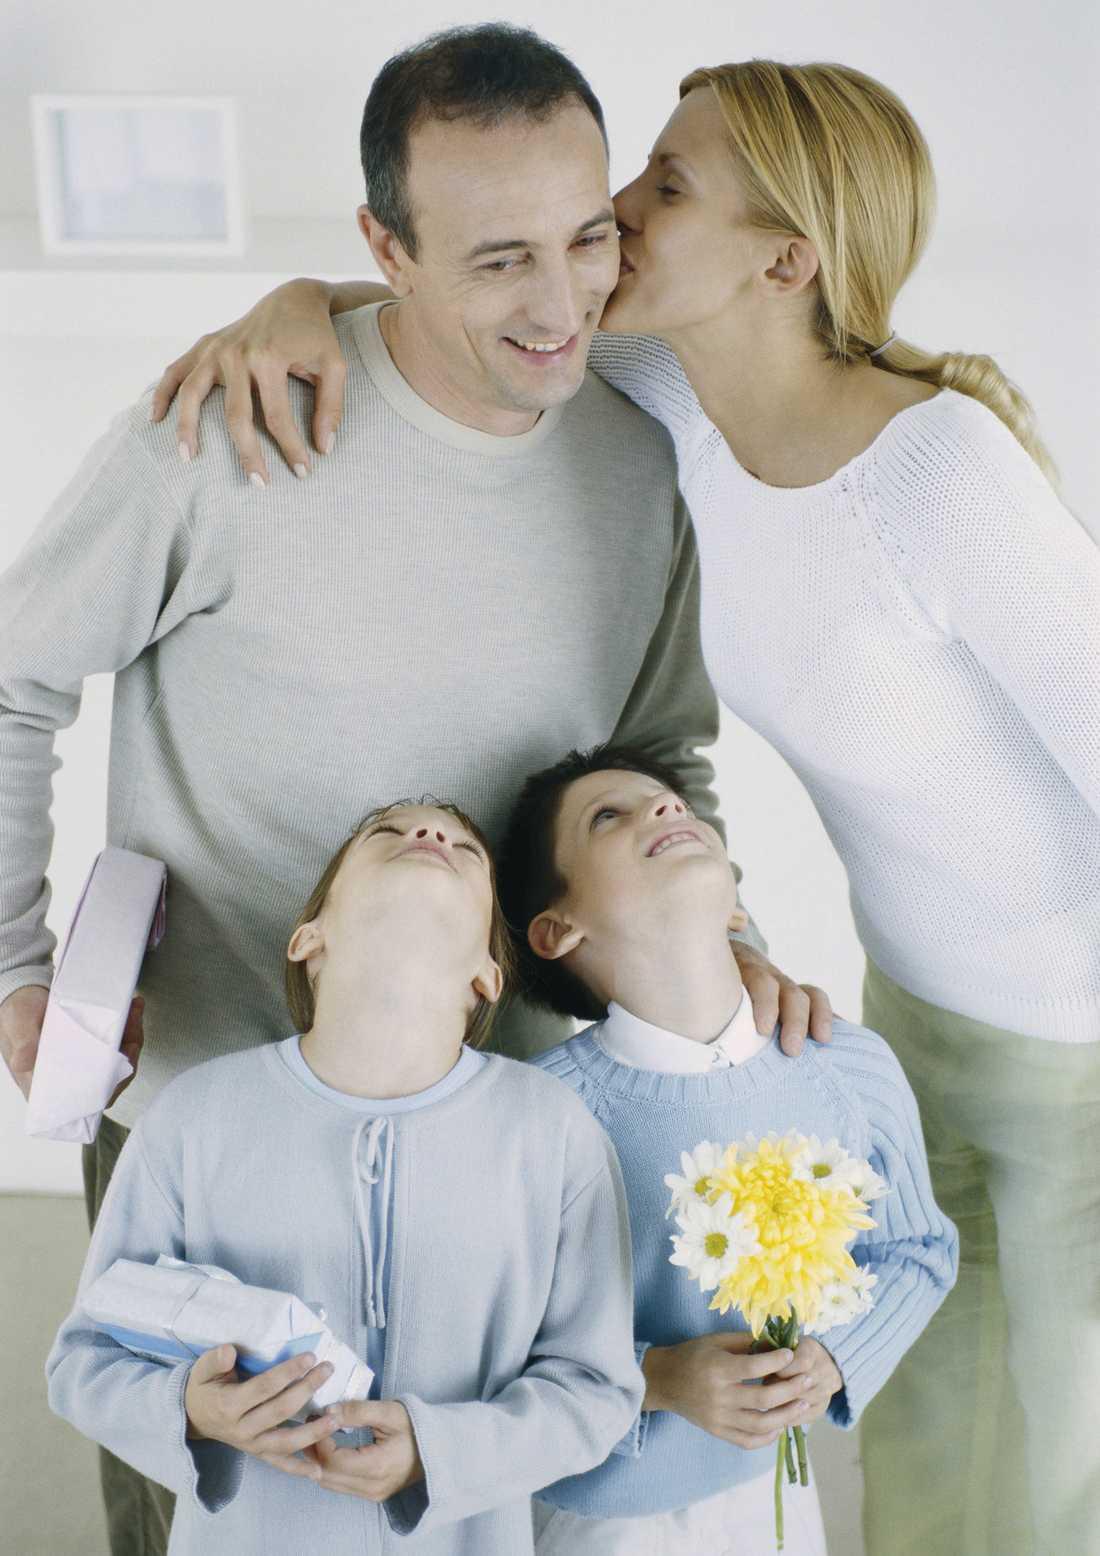 FUNKAR DET MED NYA DEJTEN? Det är viktigt att ta hänsyn till barnen och skynda långsamt när en ny kärlek ska introduceras i familjen.